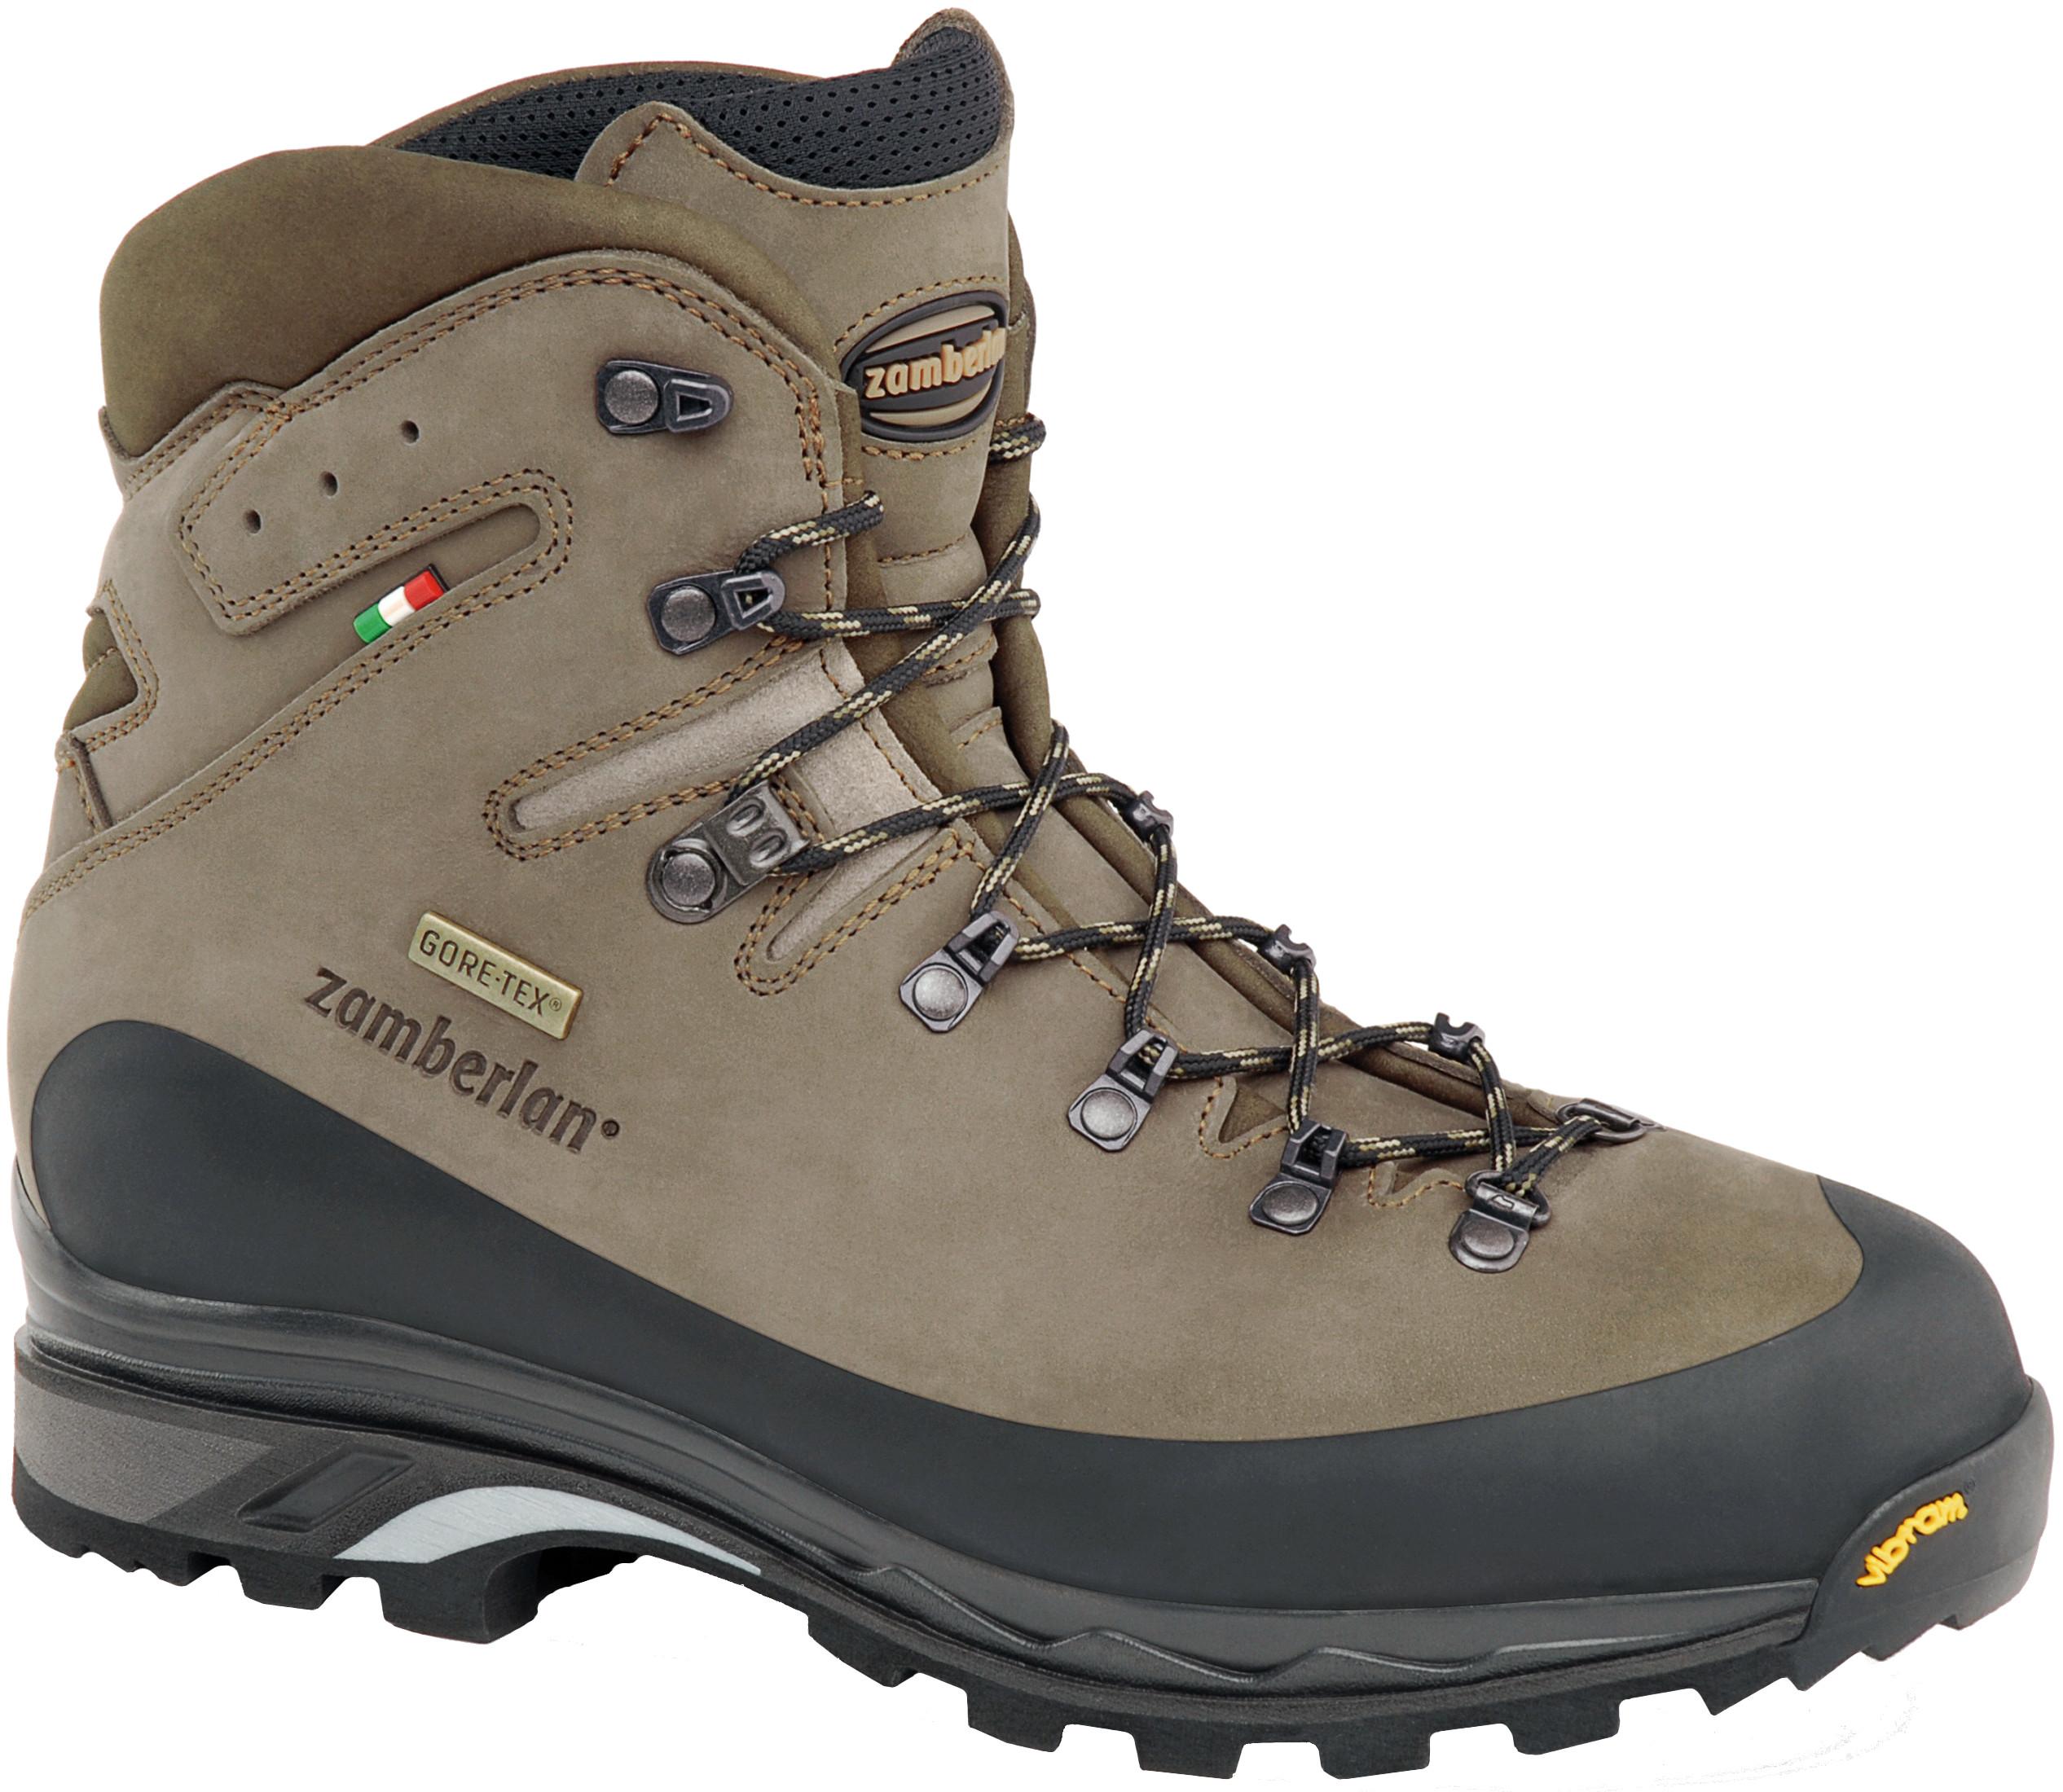 1378d432874 Zamberlan 960 Guide GTX RR Backpacking Boots - Men's